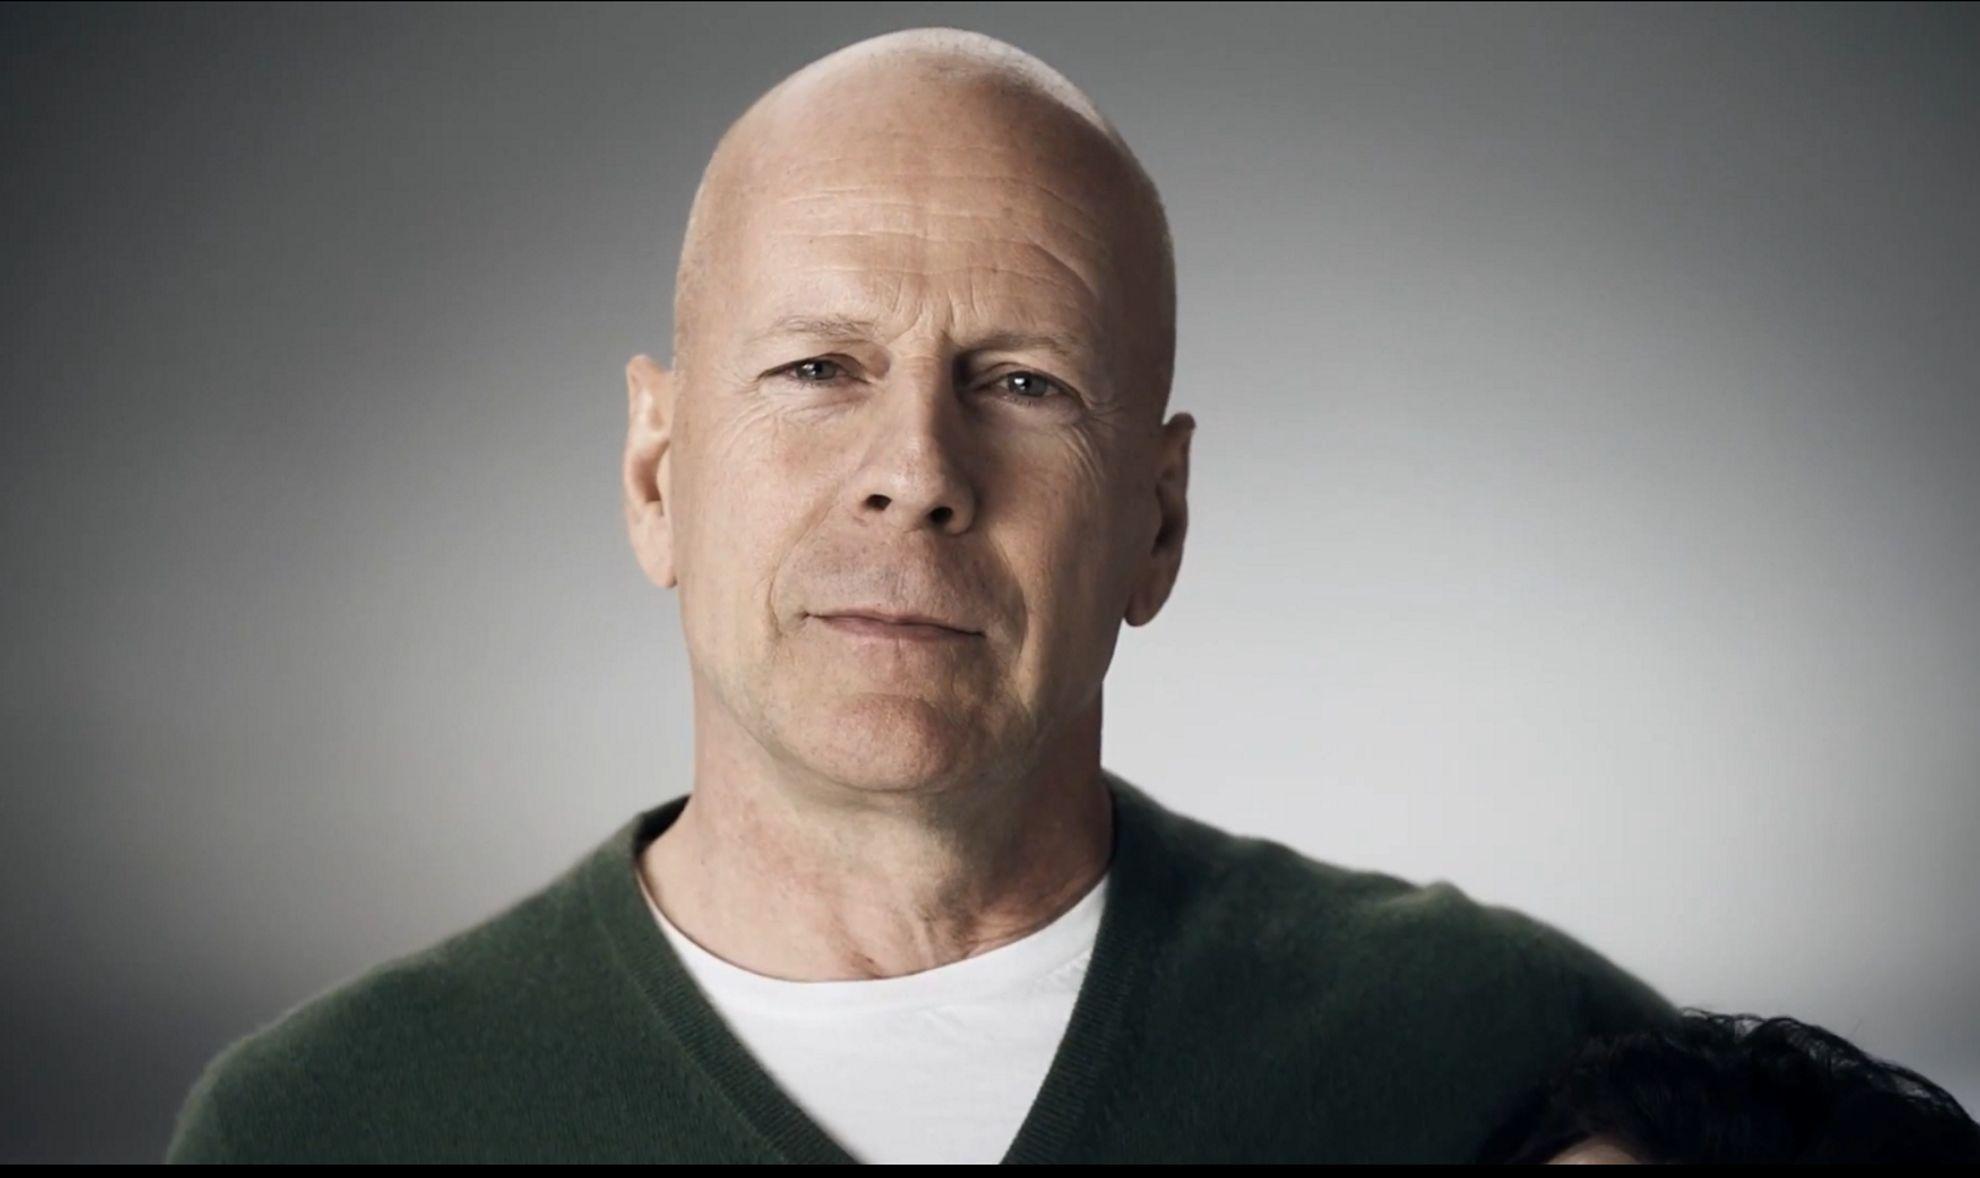 Bruce Willis, Amerikalı sinema oyuncusu tarihte bugün